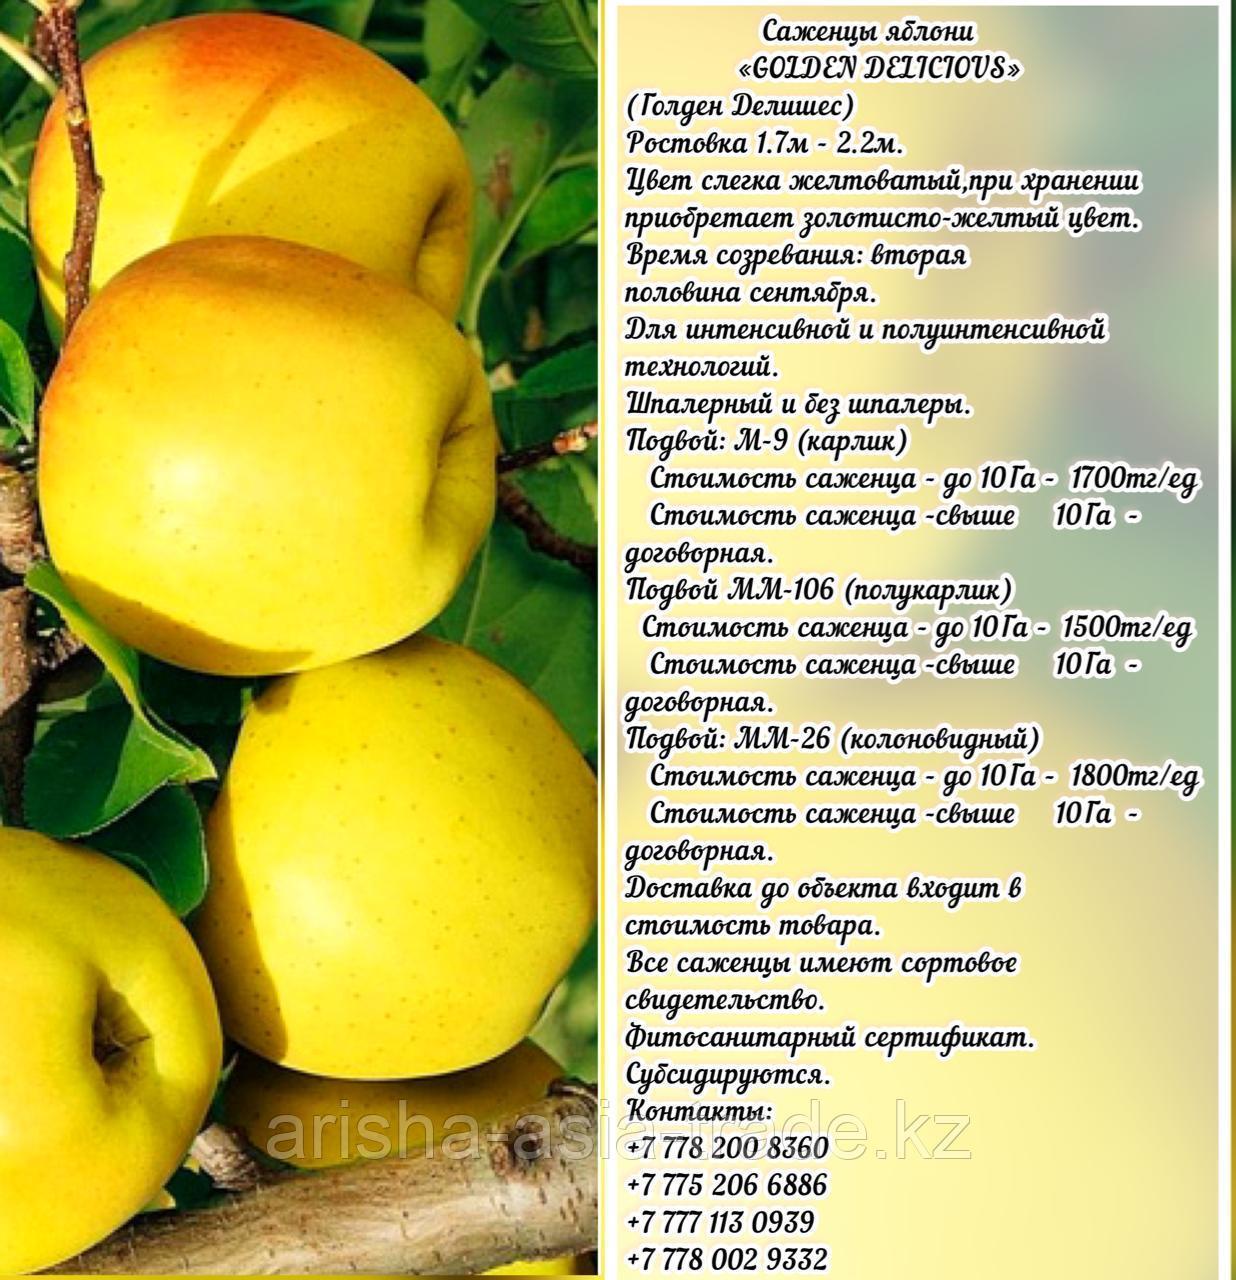 """Саженцы яблони """"Golden Delicious"""" (Голден Делишес) подвой м 9 Сербия"""